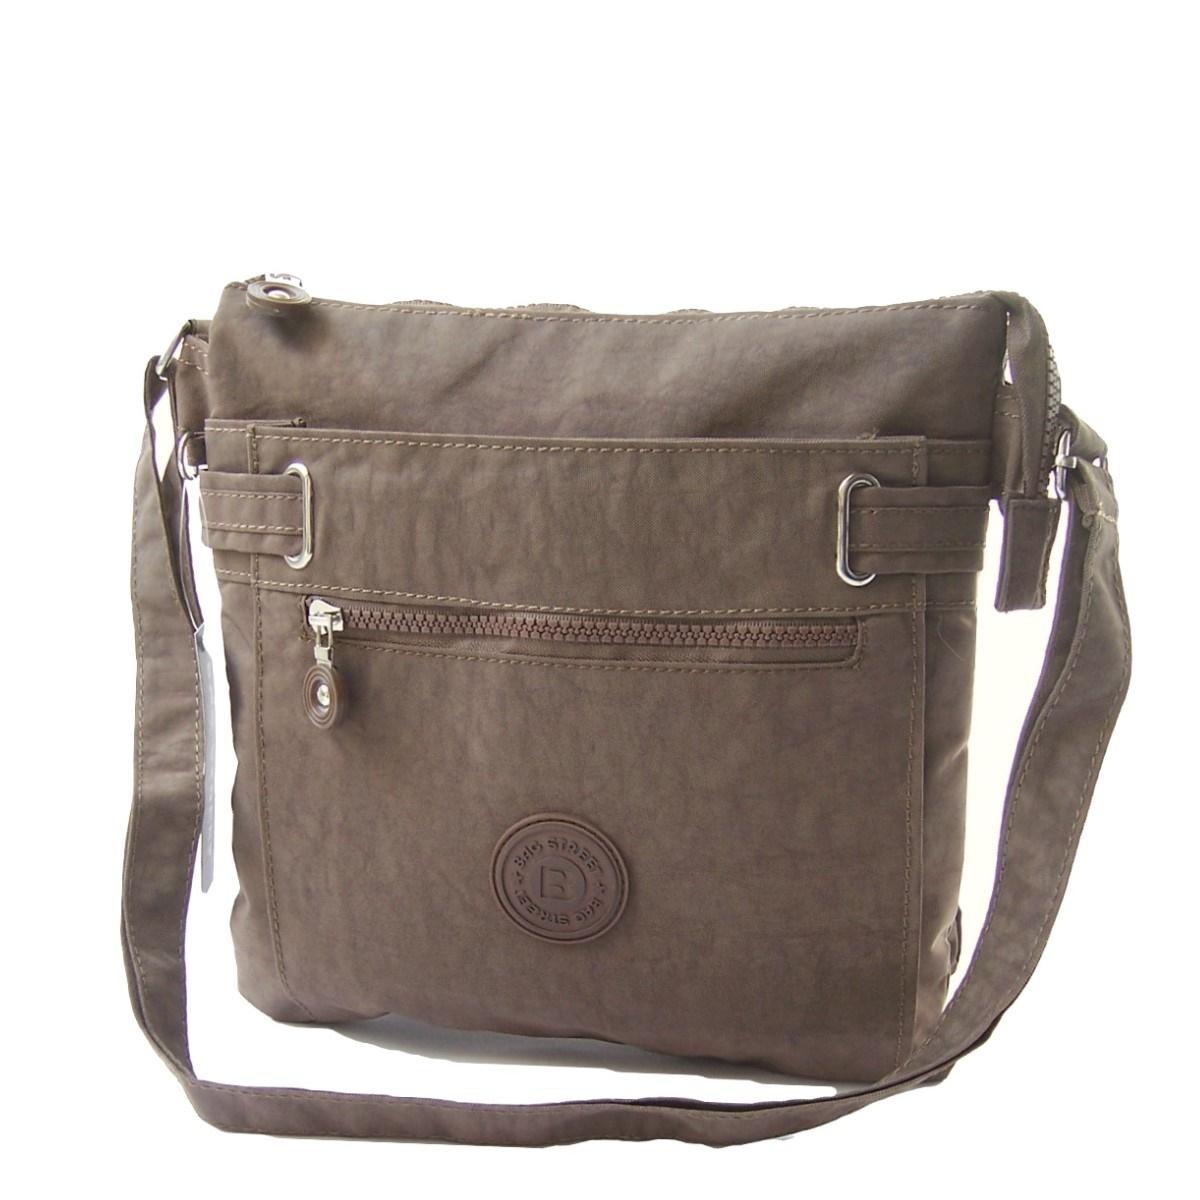 Tasche Umhängetasche Handtasche Bag Street Nylon braun Ta5145